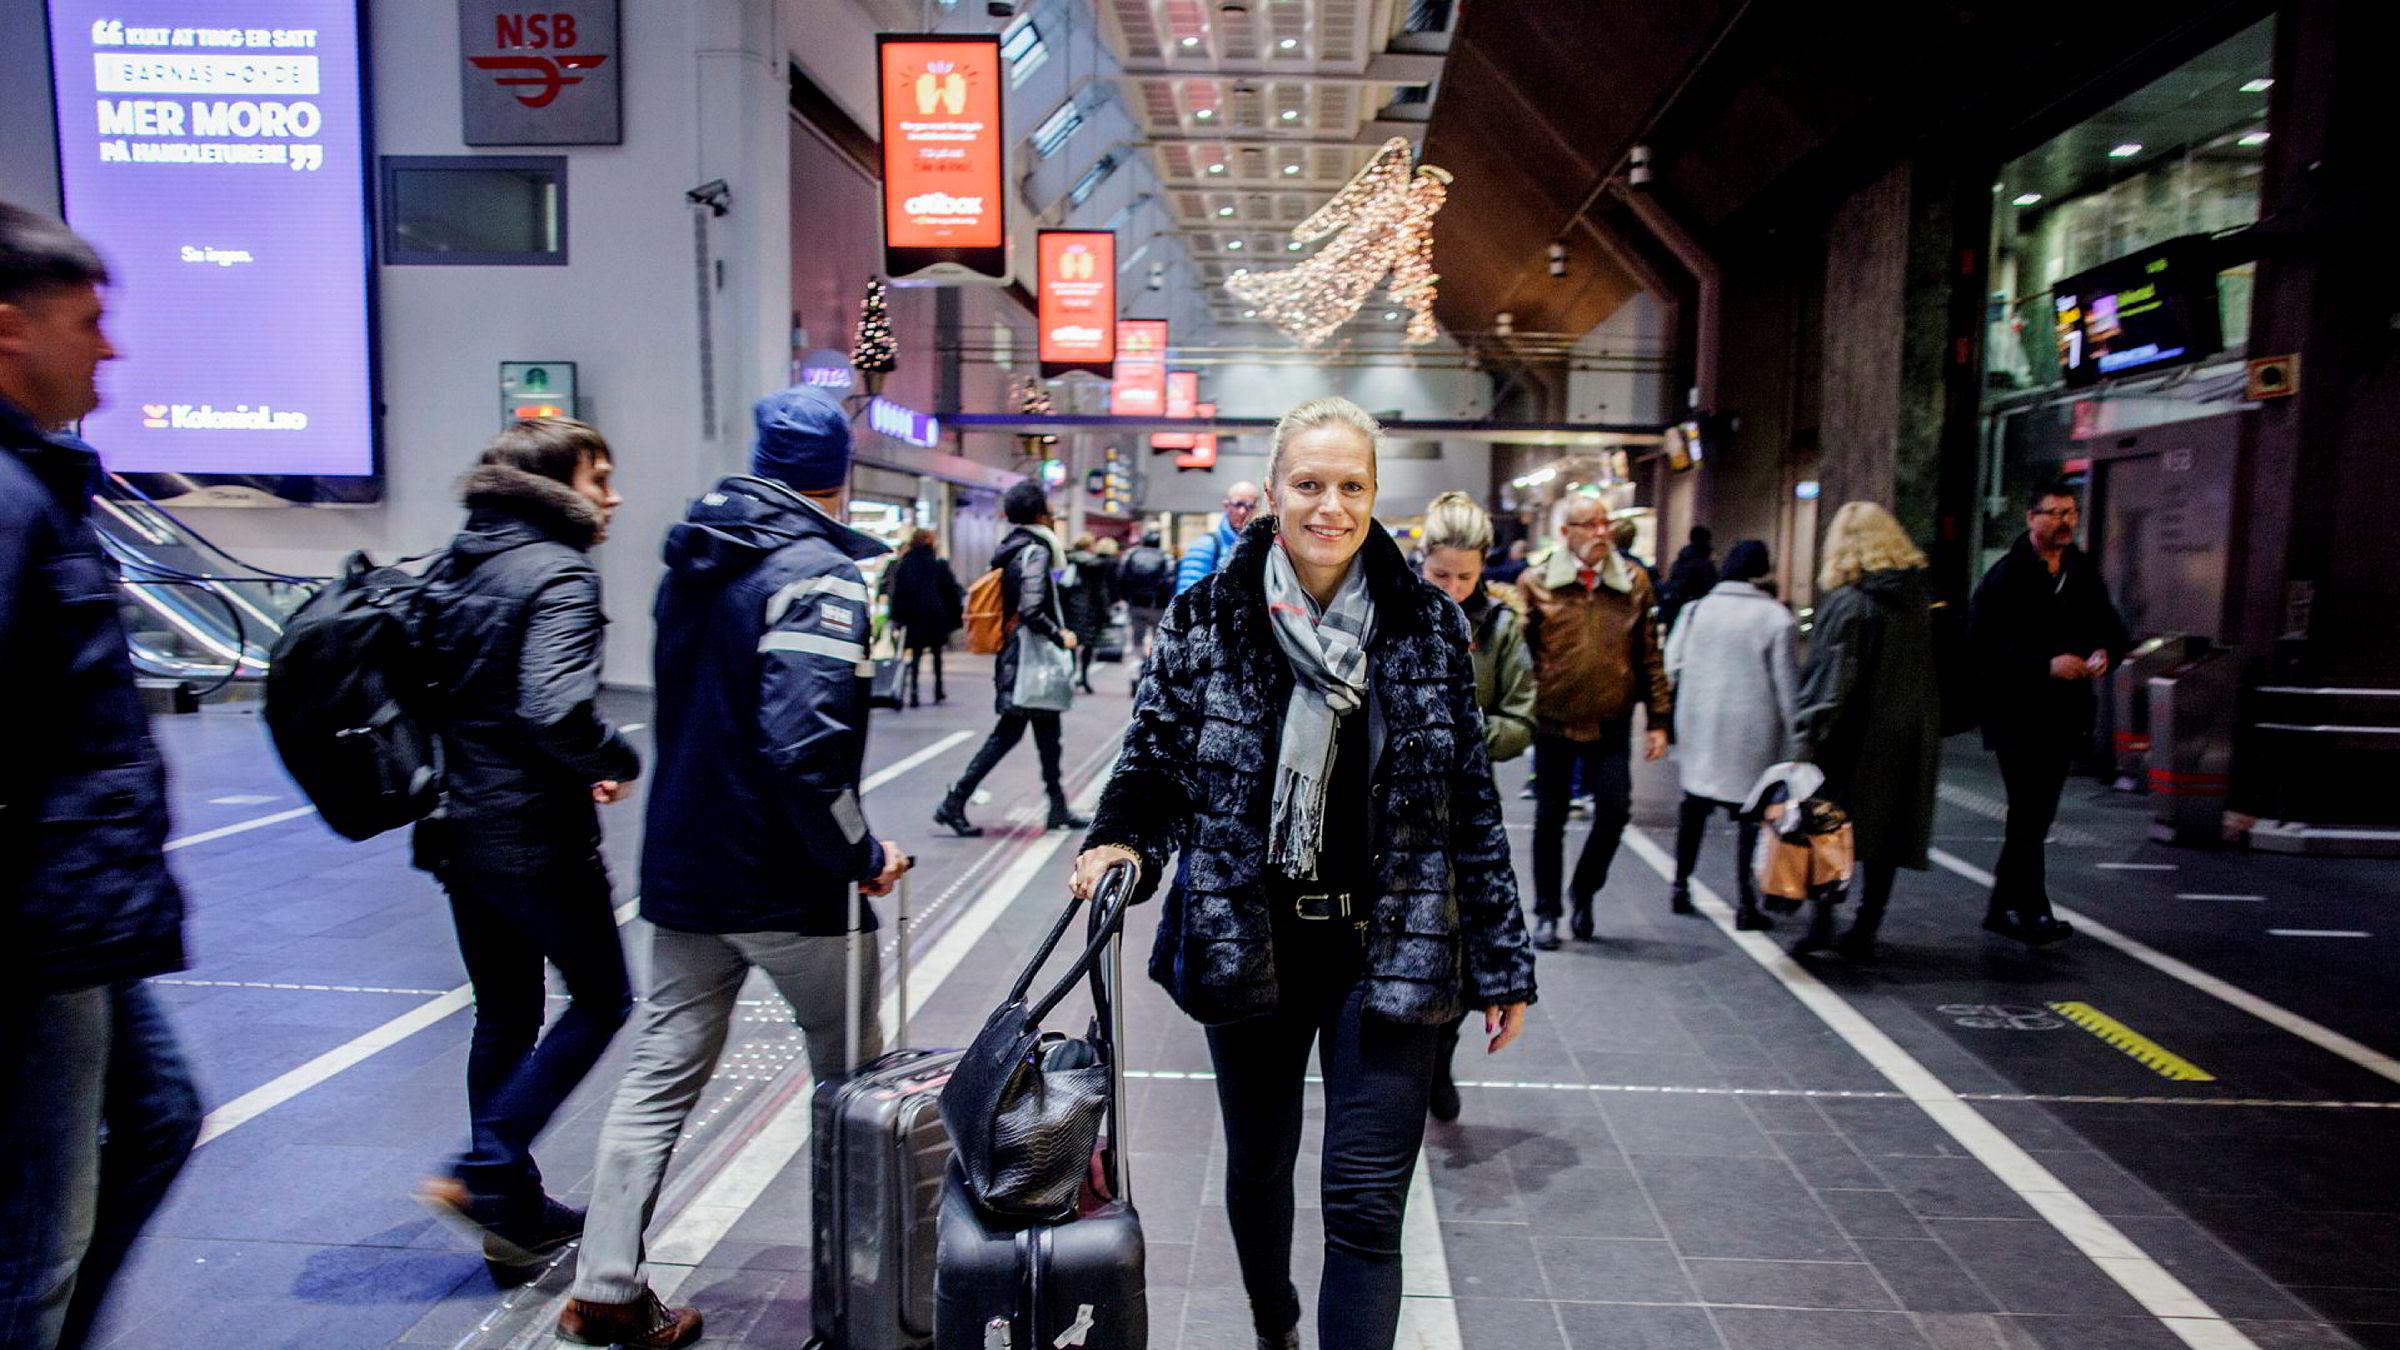 – Det var mulighetene til å få større ansvar som fikk meg til å slutte, sier Åsa Lunde, som går fra sjef i Telenors mobilselskap Dipper til TDC Norge. Hun er blant flere kvinner som slutter i Telenor.